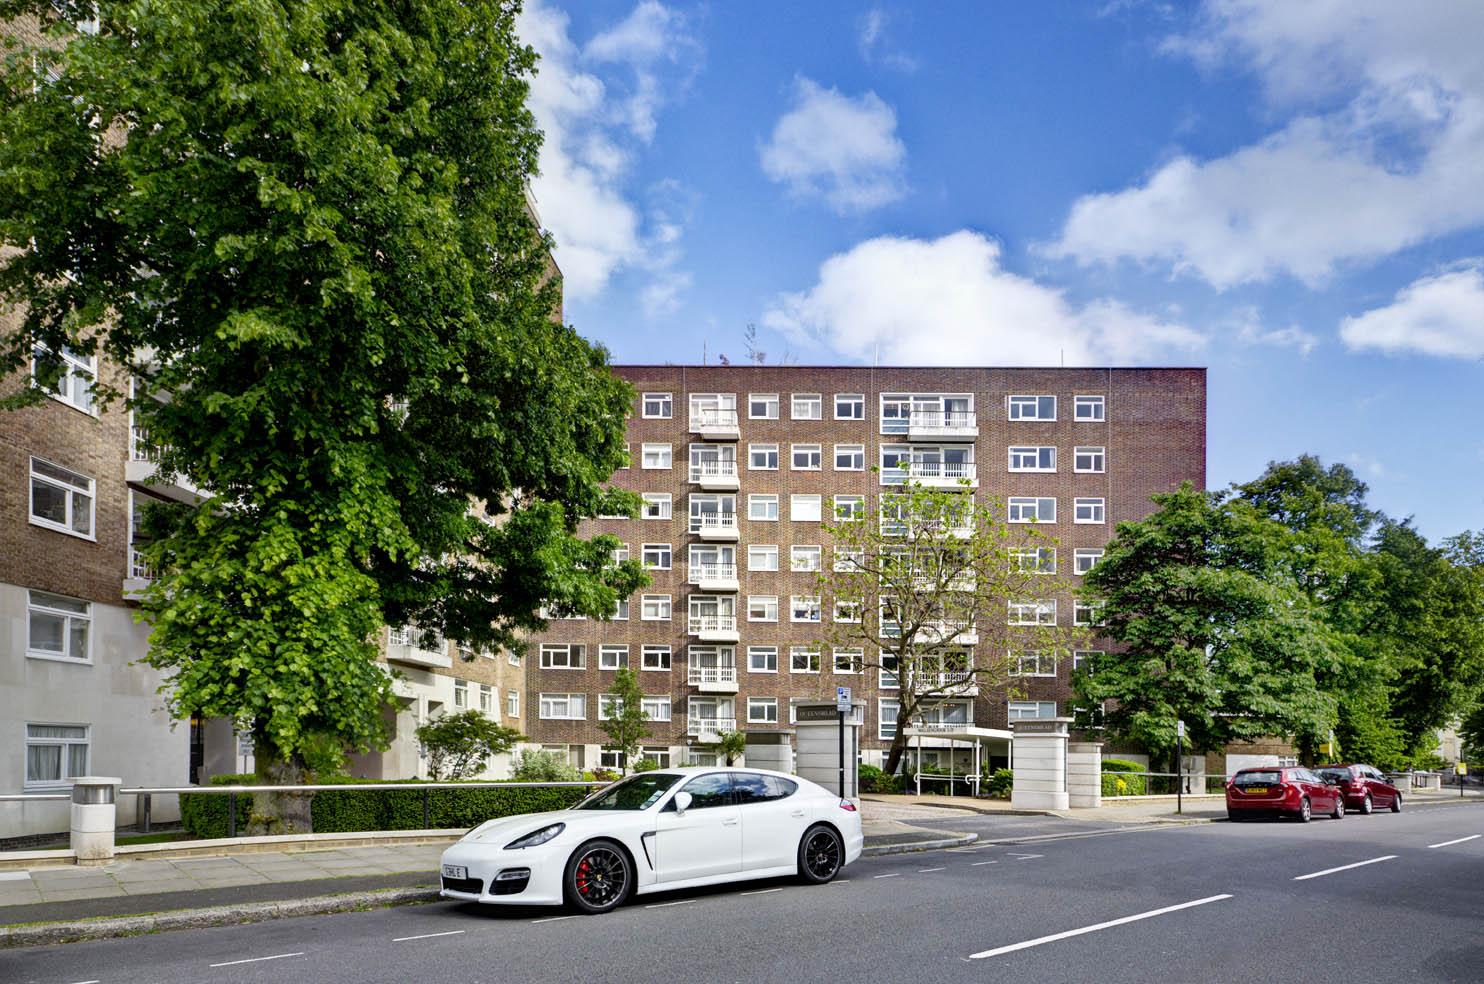 St John's Wood Park St John's Wood, London, NW8